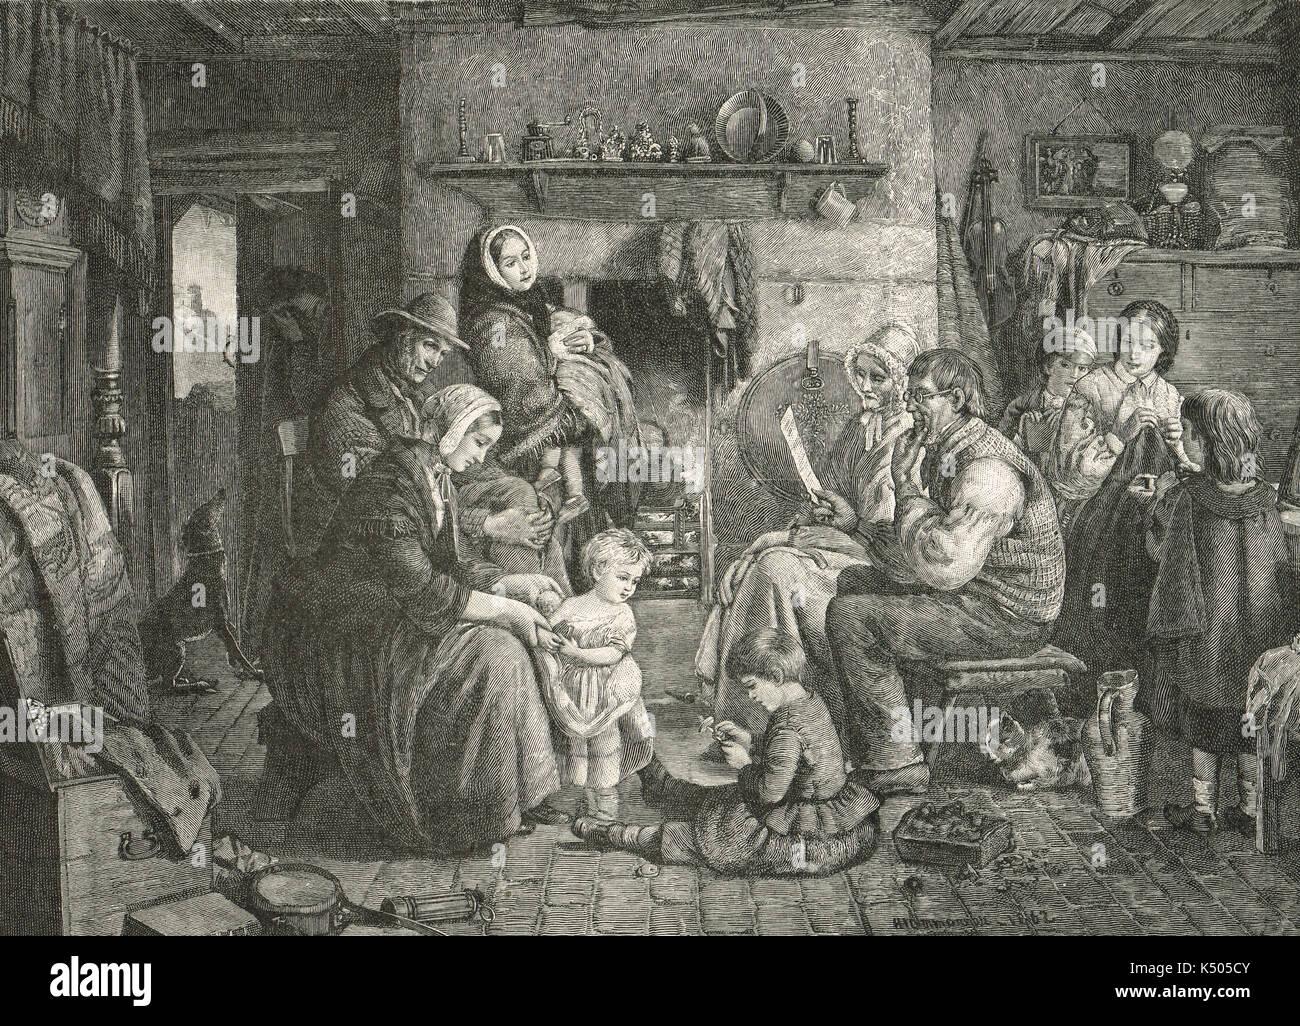 Carta de pésame de la reina Victoria, leído por el clero para viudas, hartley colliery desastre, 1862 Imagen De Stock